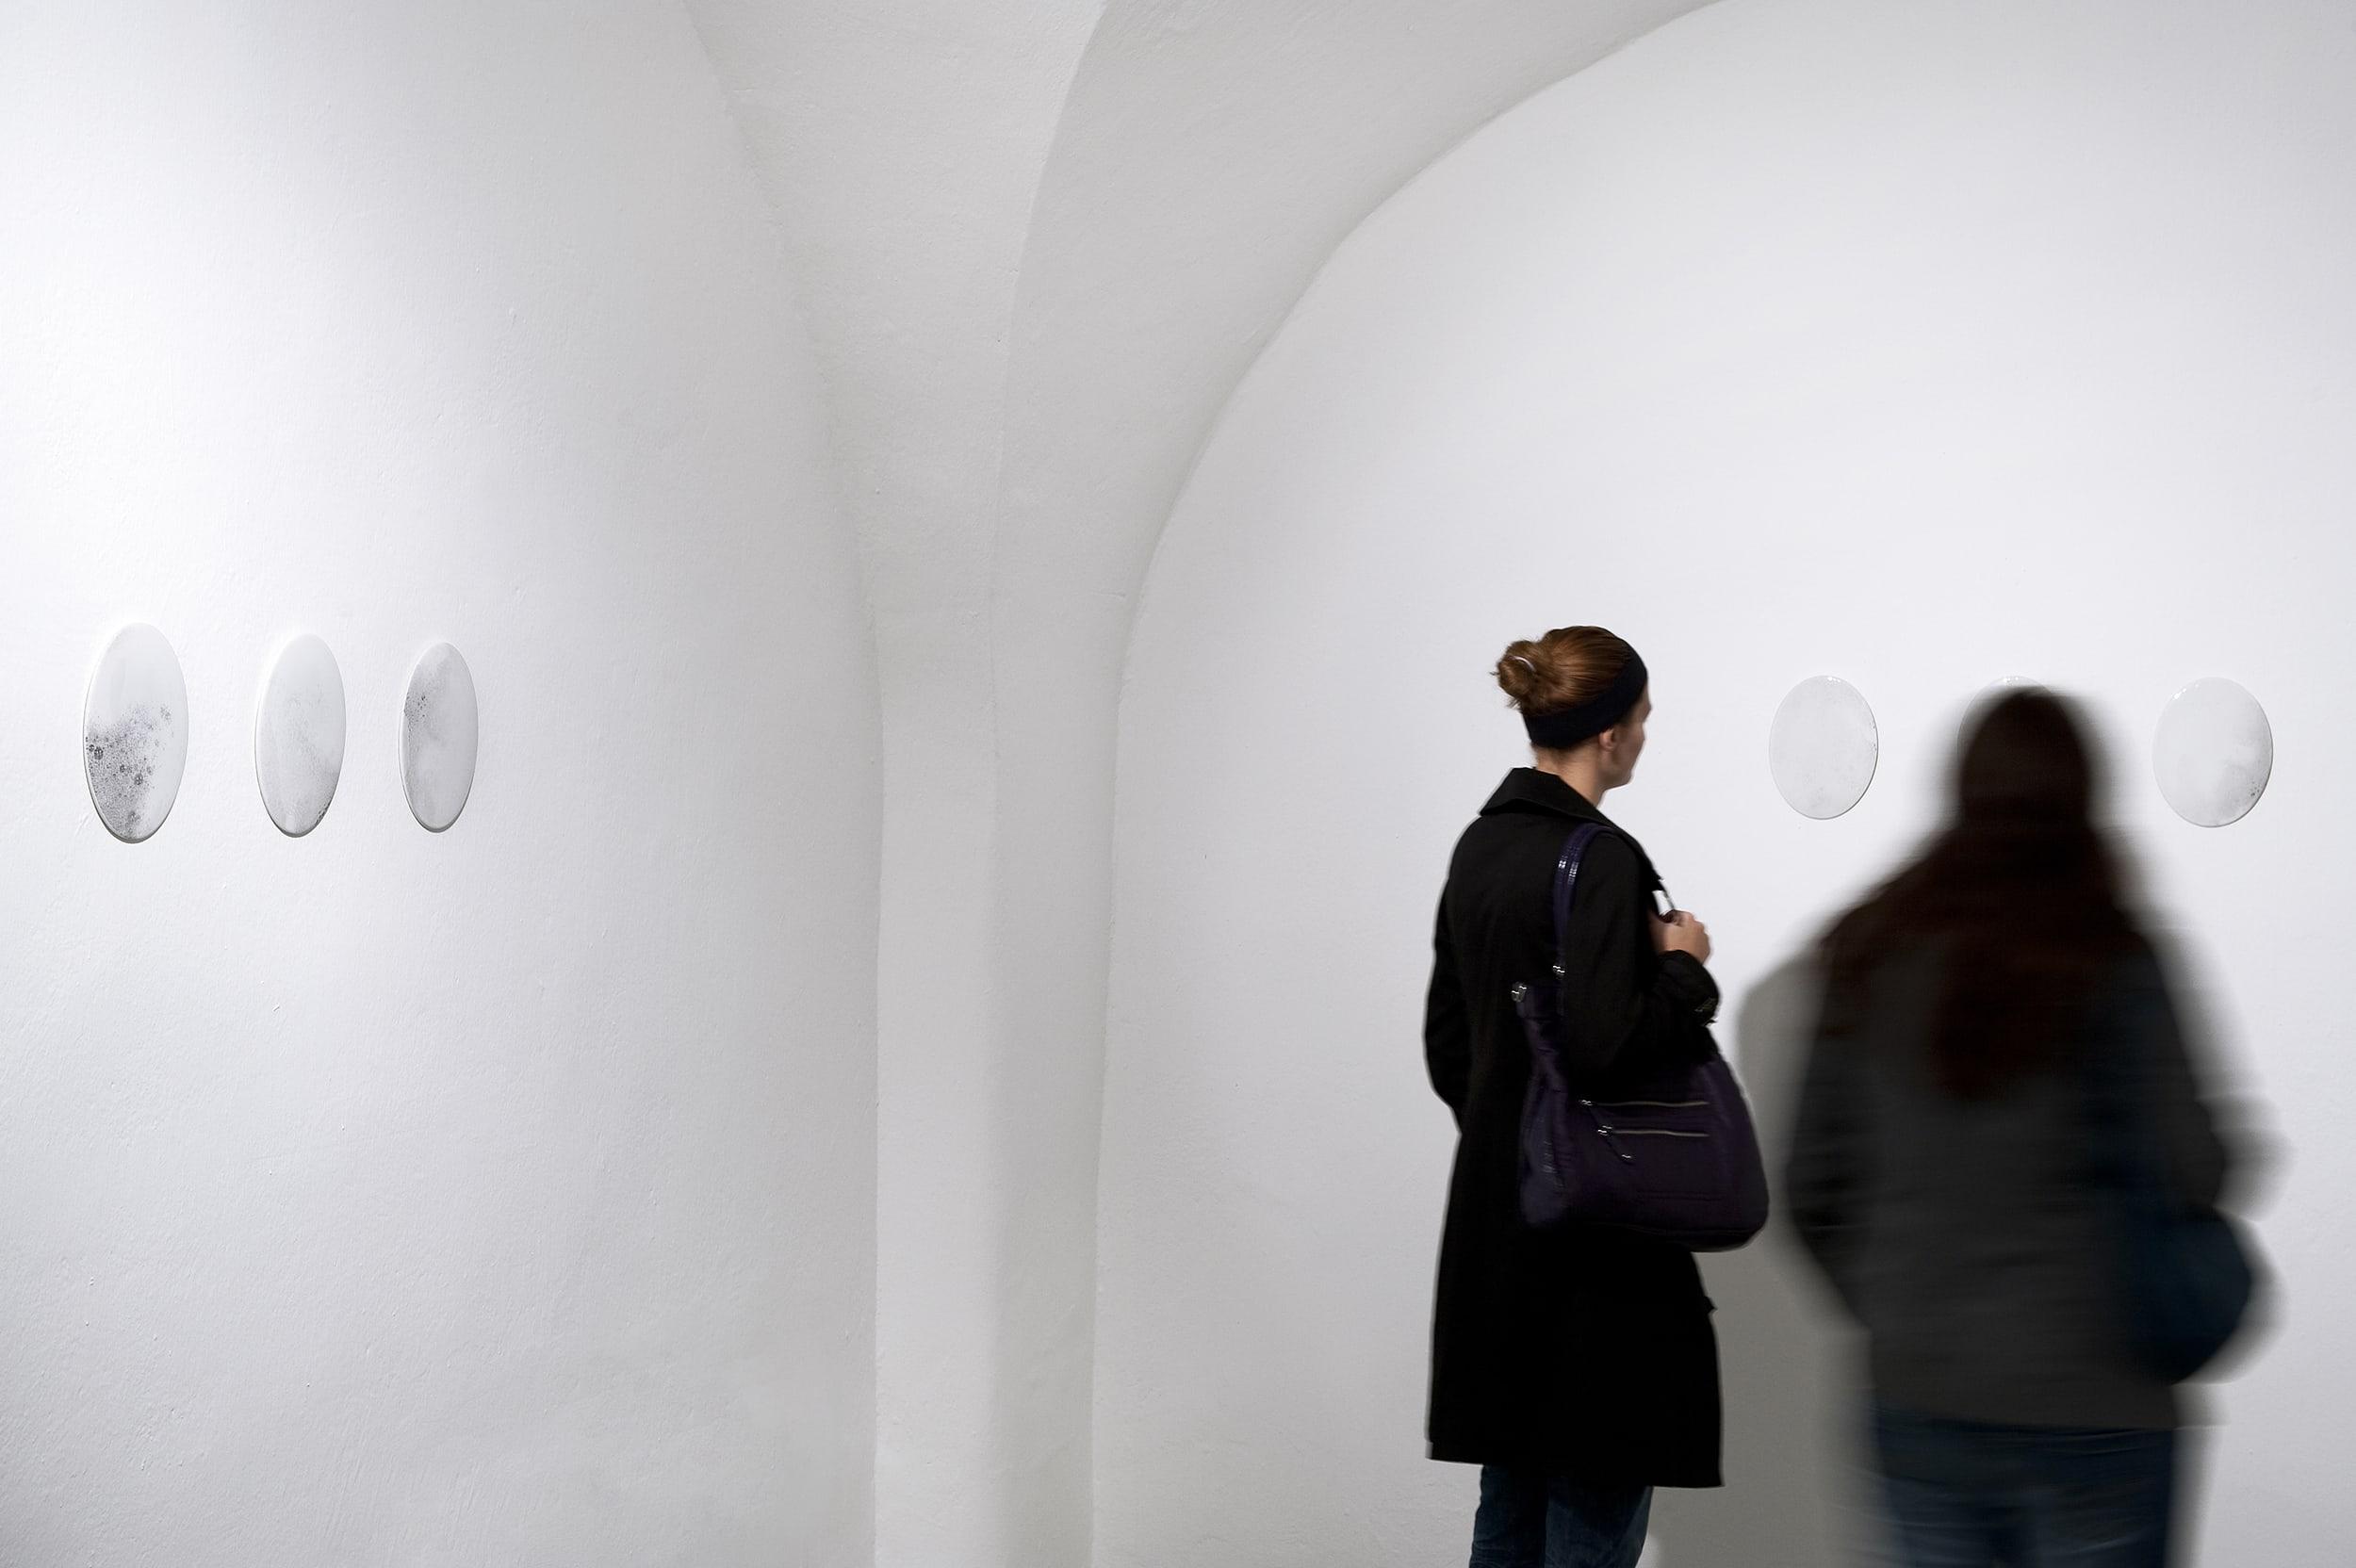 Katharina-Stiglitz-Souvenir-1-14